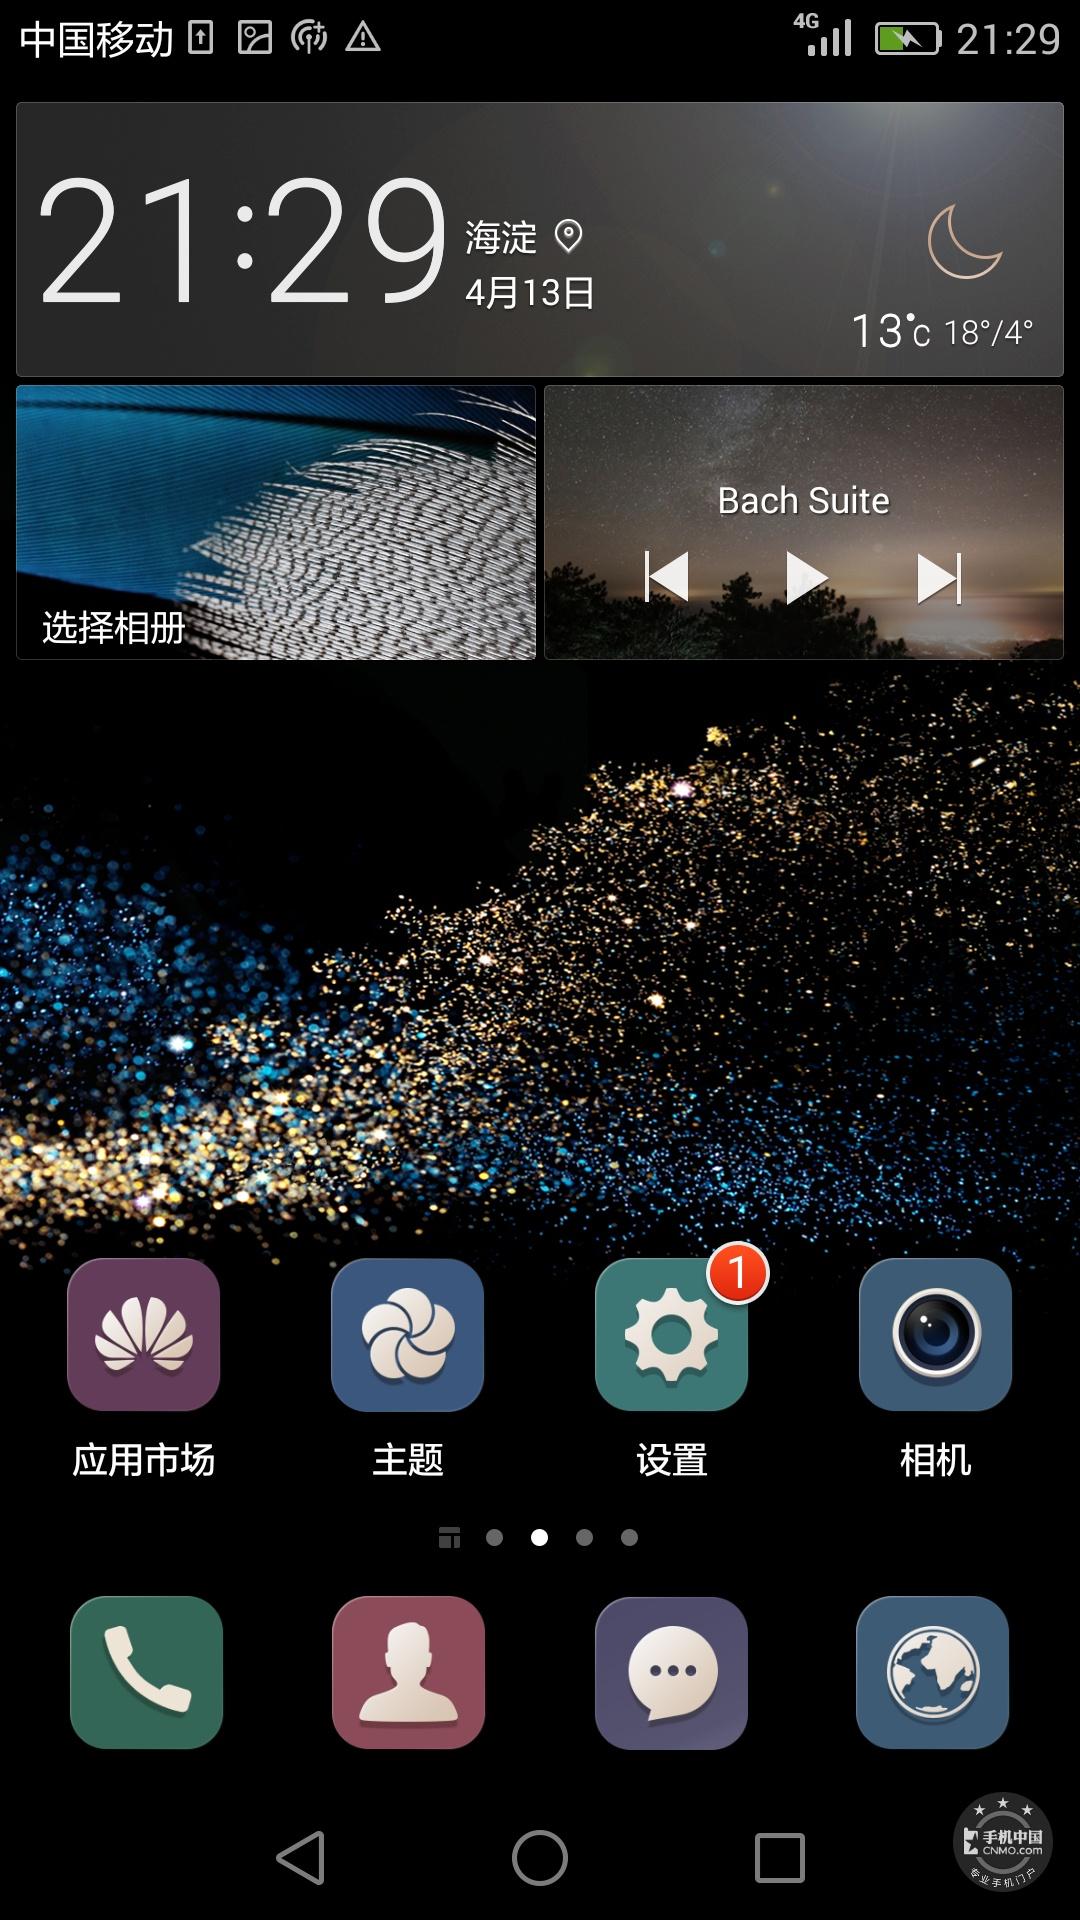 华为P8(双4G高配版)手机功能界面第2张